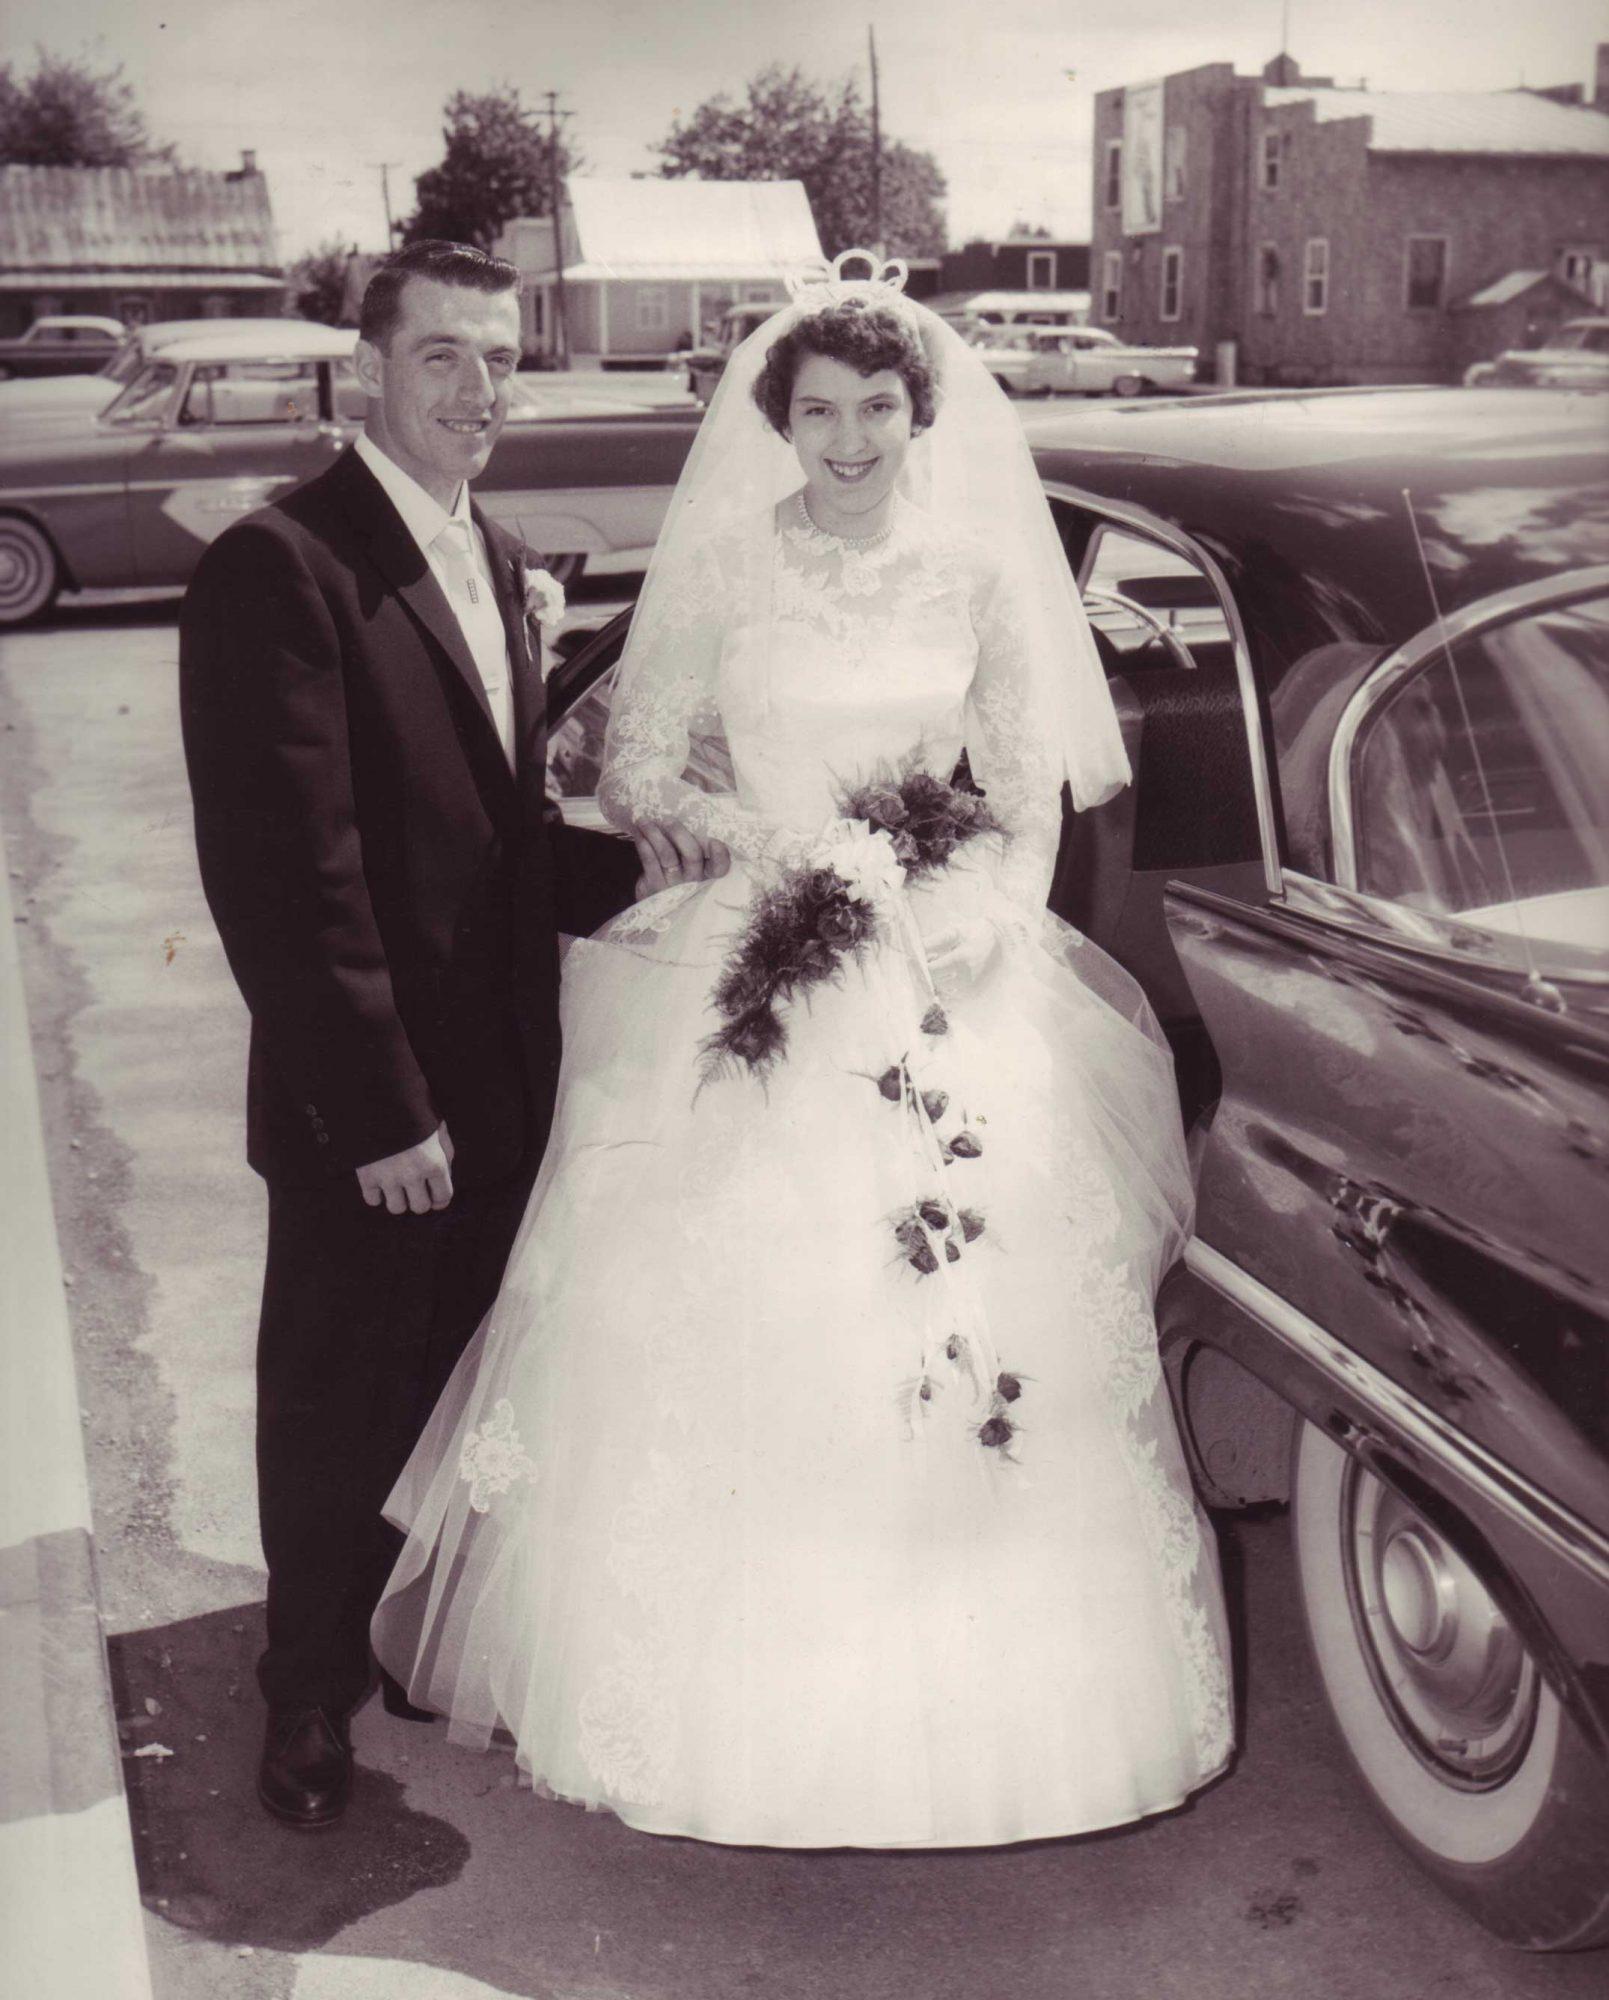 Leur mariage en 1960.